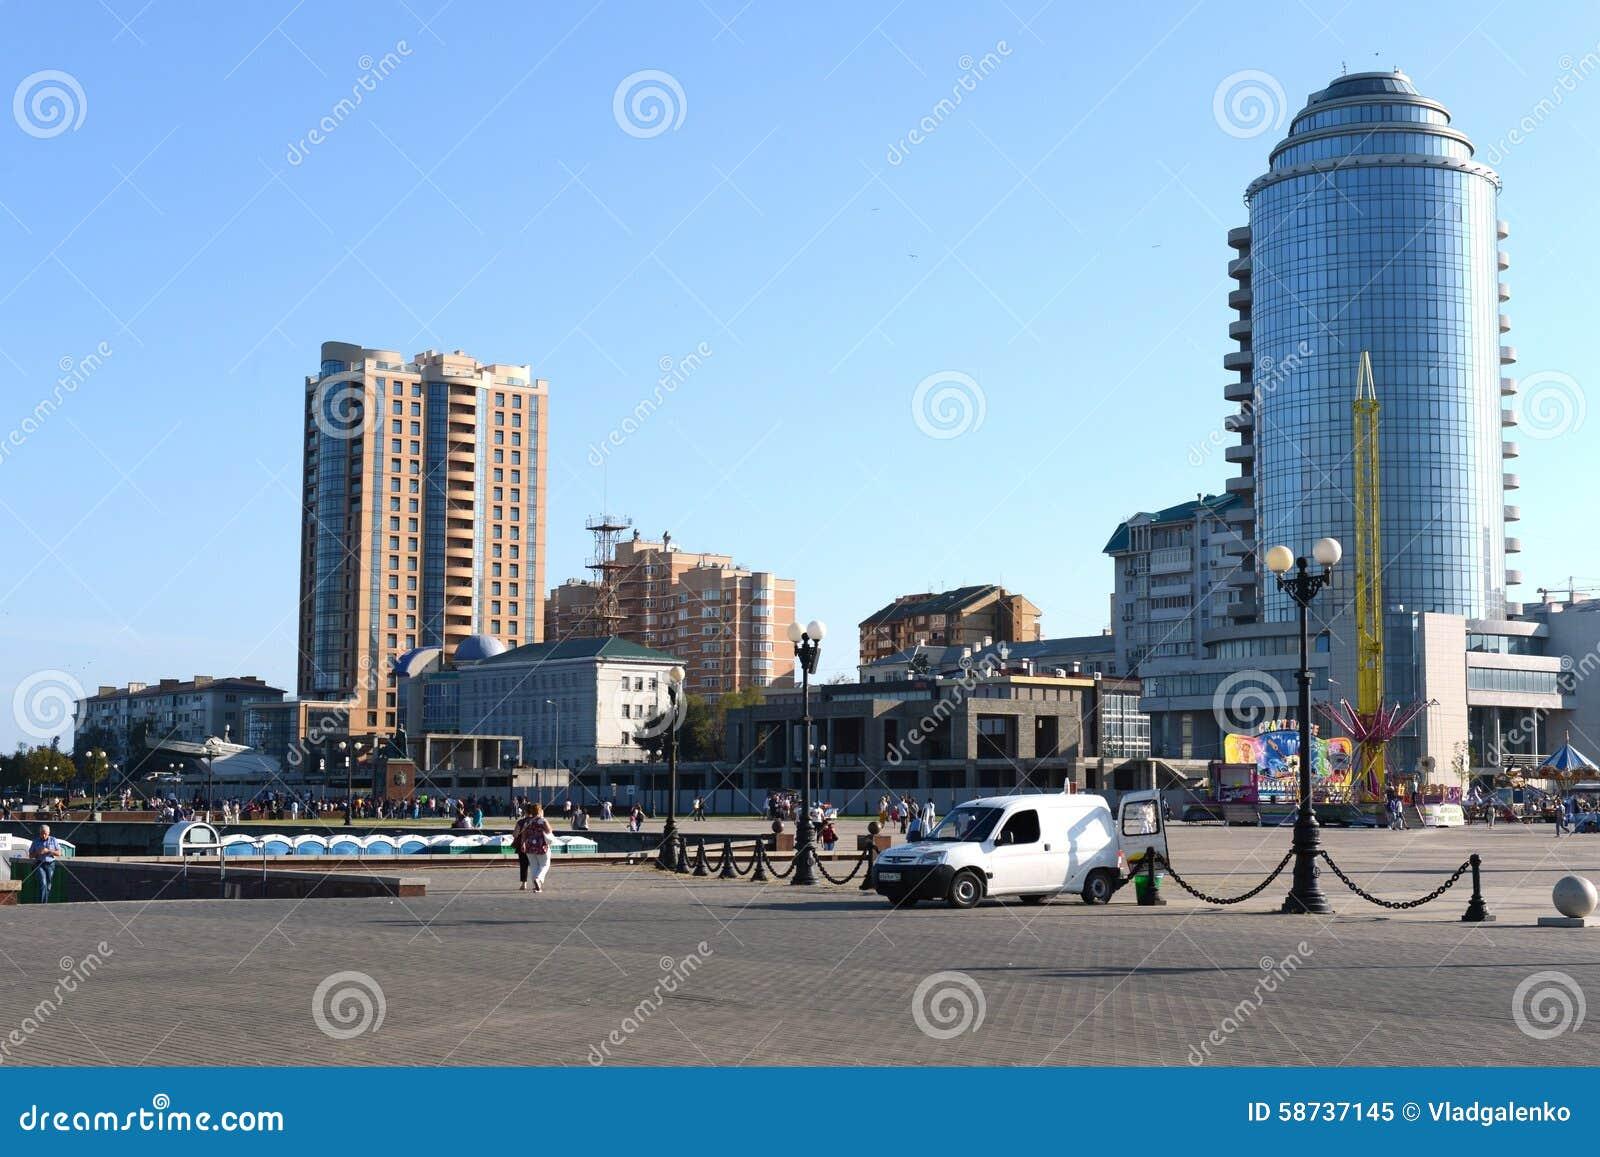 see novorossiysk on - photo #31